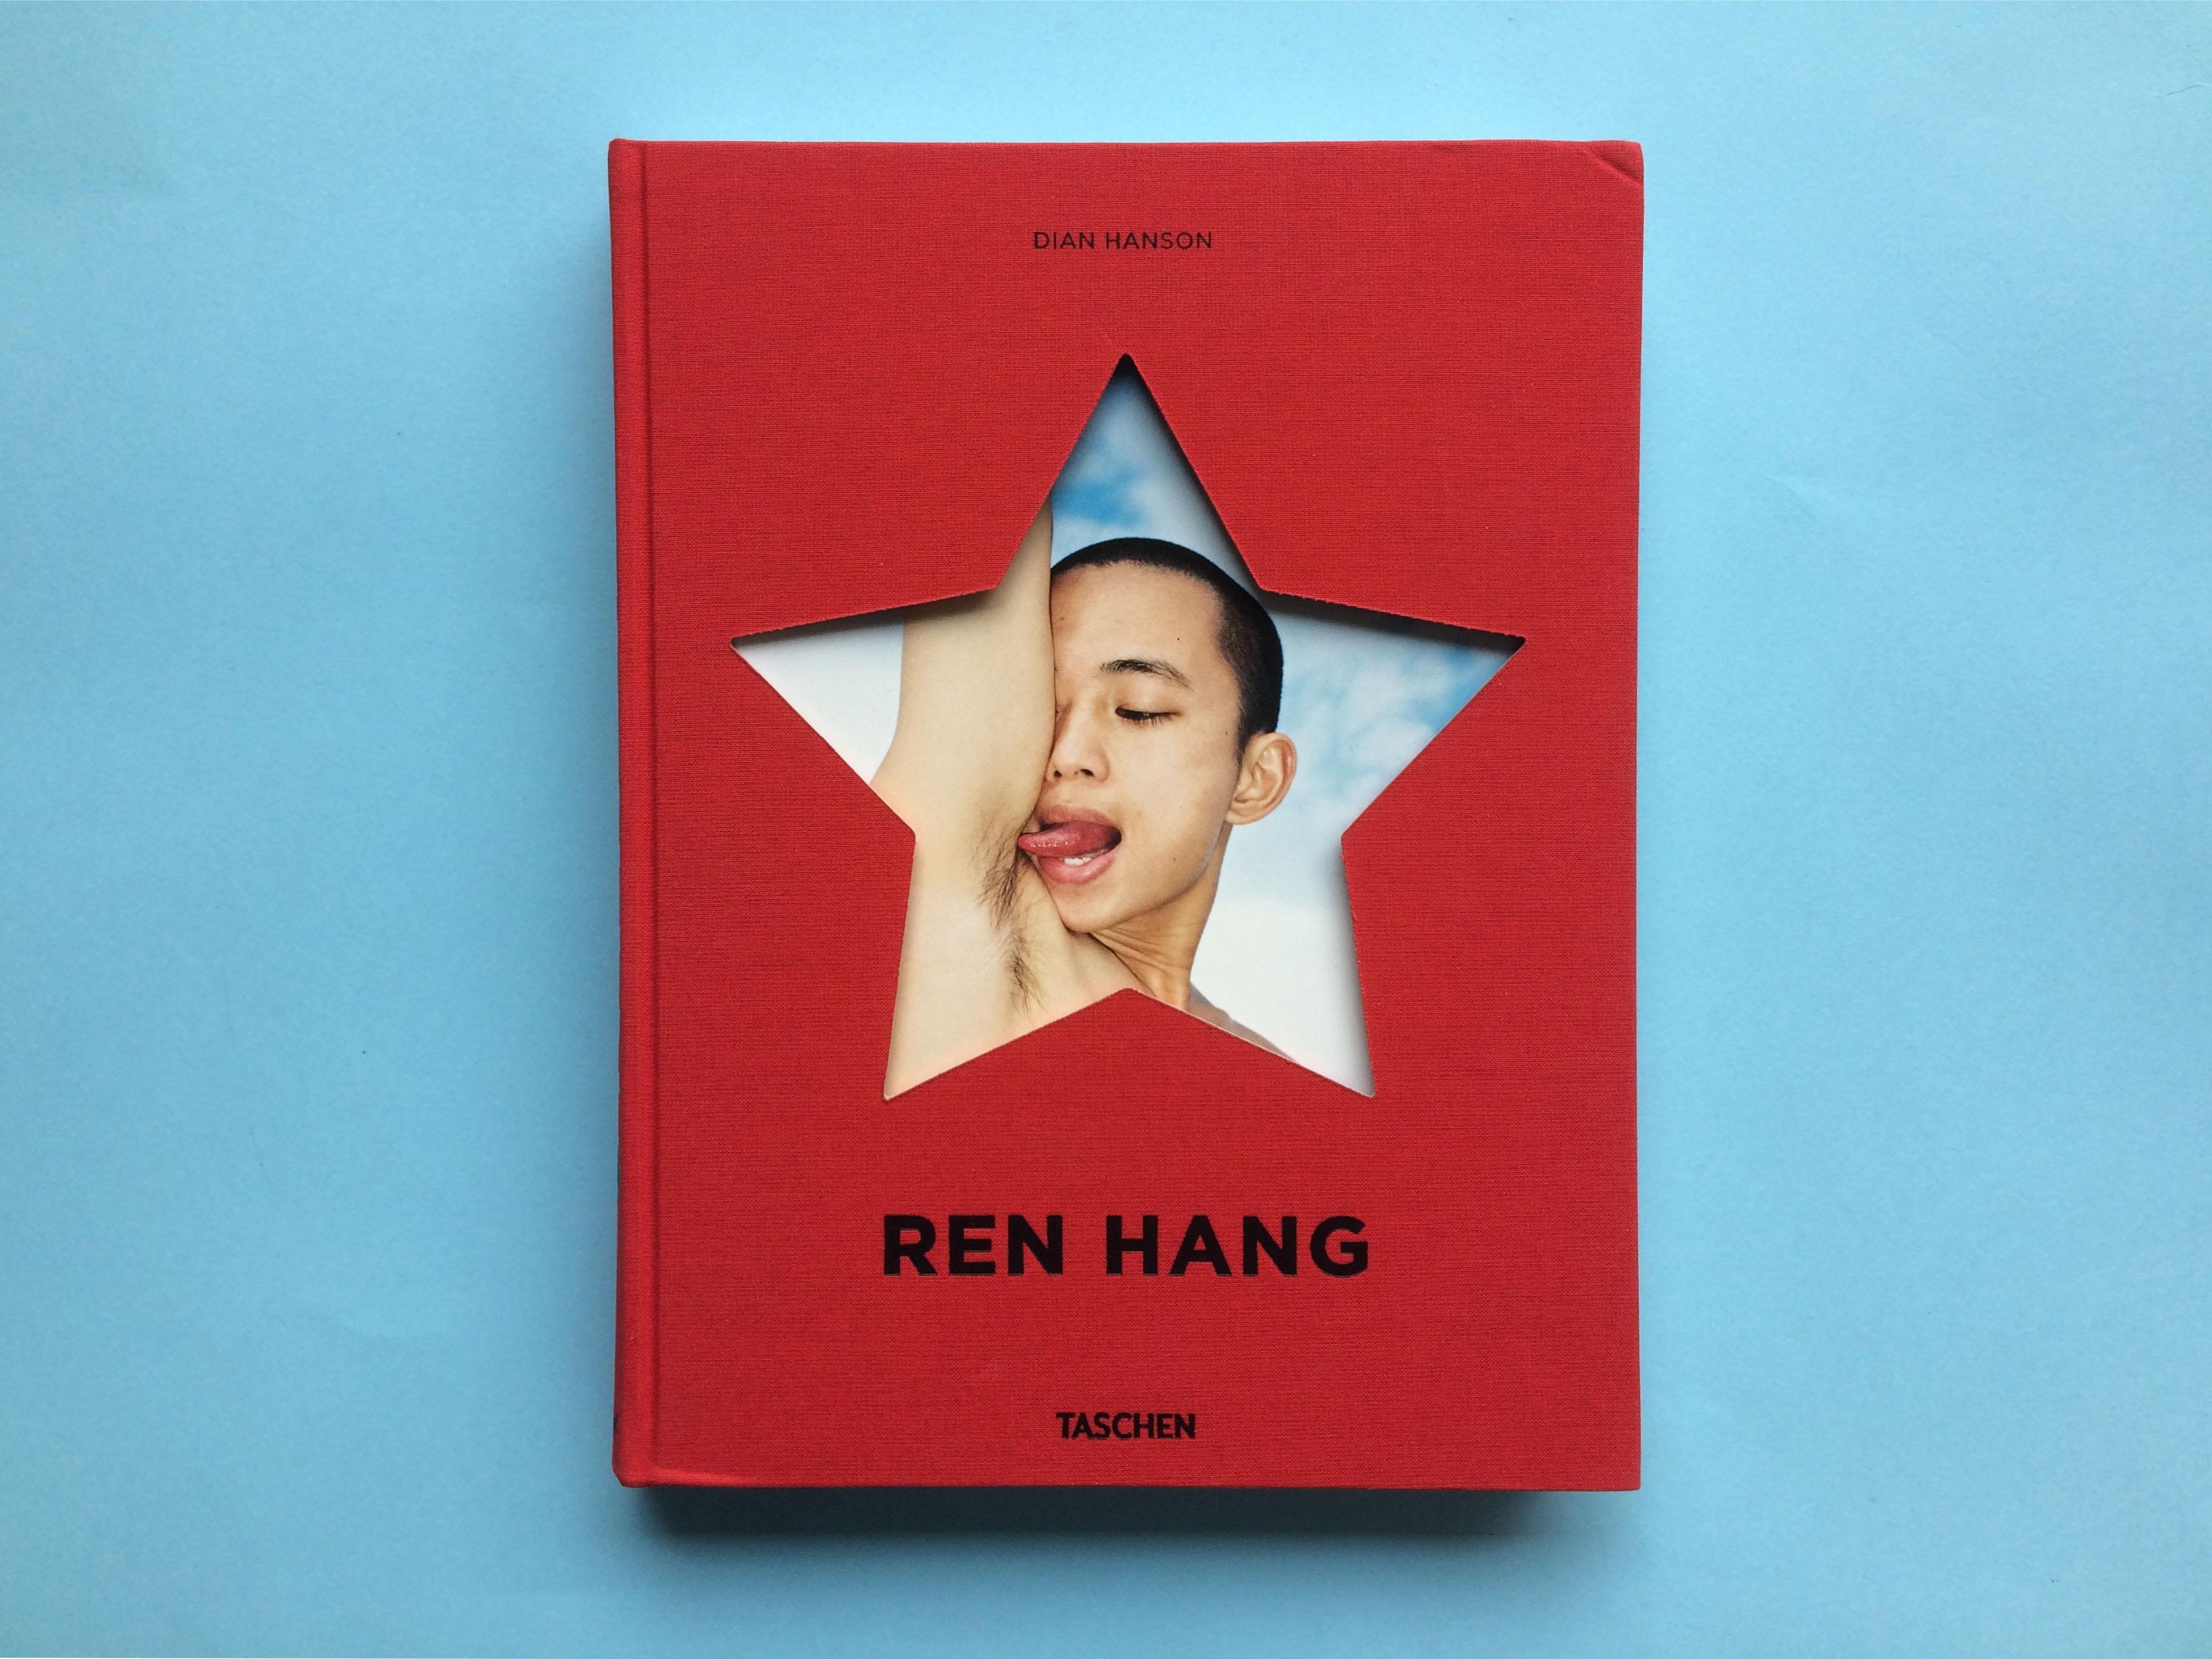 REN HANG / REN HANG